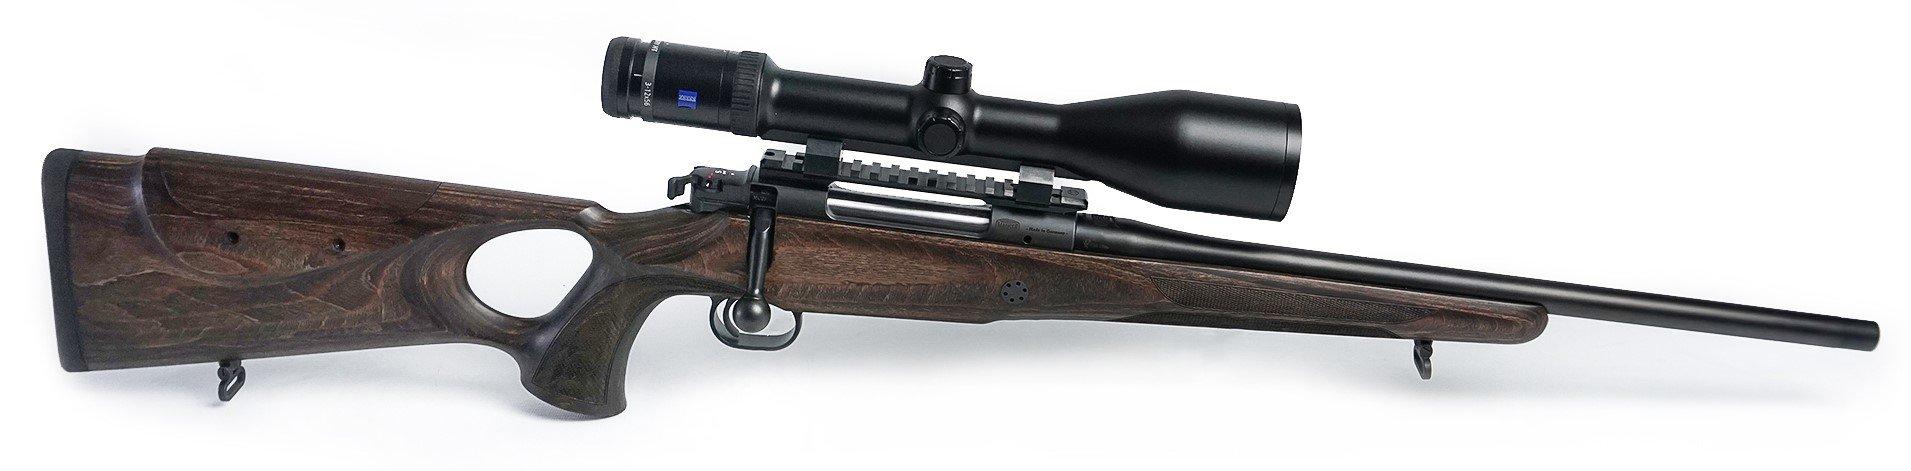 Komplettangebot Mauser M12 Max AS (höhenverstellbarer Schaftrücken) .308 Win. mit Handspannung Lauflänge 47 cm mit MGW M15x1 Waffenstube Thalkirchen München Bayern Deutschland